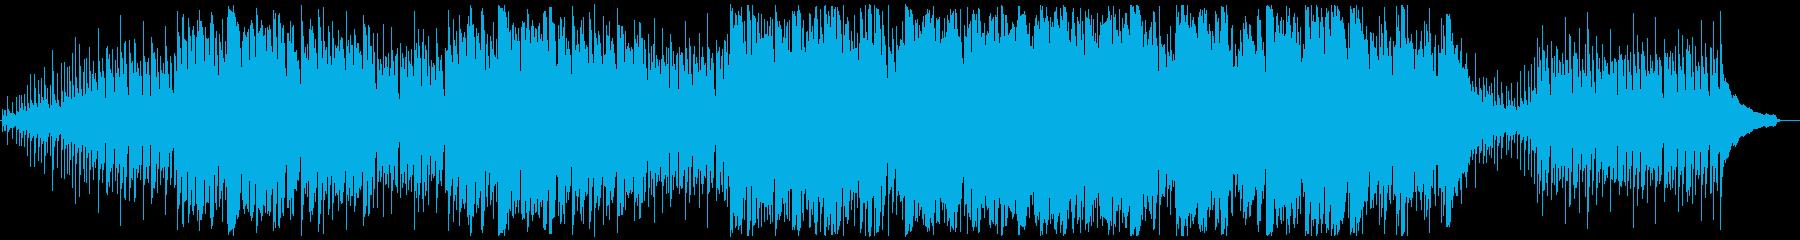 森・神秘系フィールド曲(ループ) の再生済みの波形